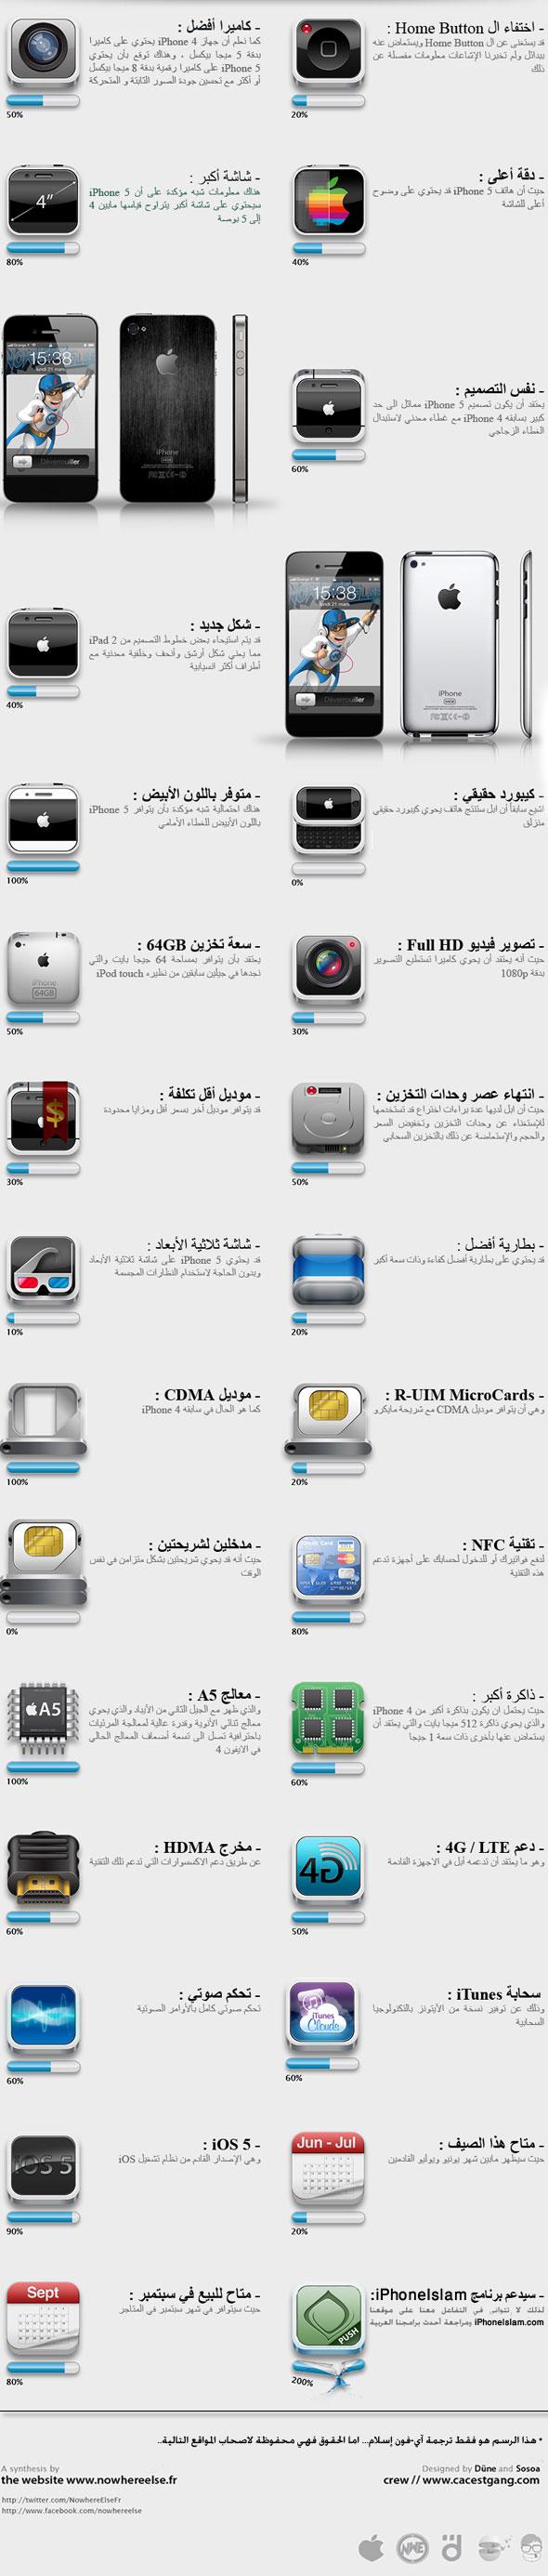 آيفون 5 الجديد لايفوتكم IPhone5-Rumors02